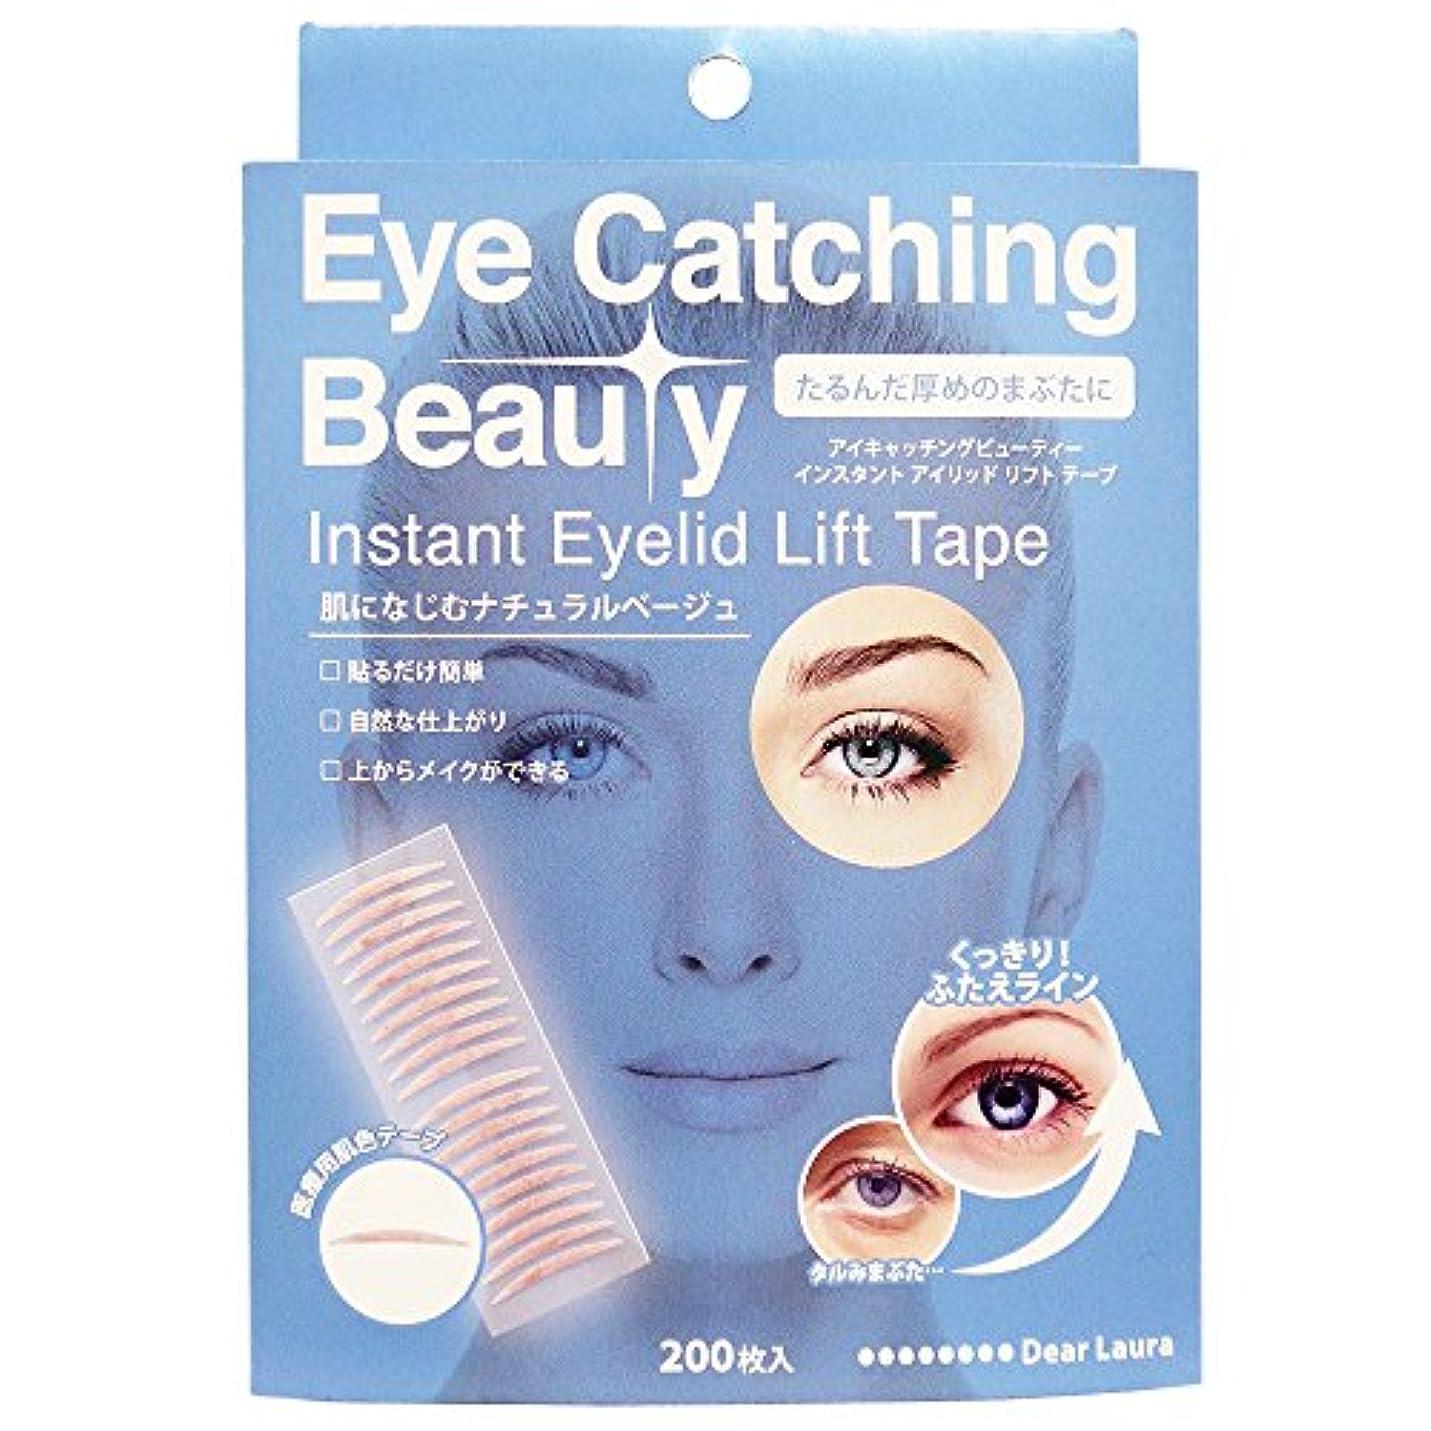 検出器アサー論争アイキャッチングビューティー (Eye Catching Beauty) インスタント アイリッド リフト テープ ECB-J02 200枚